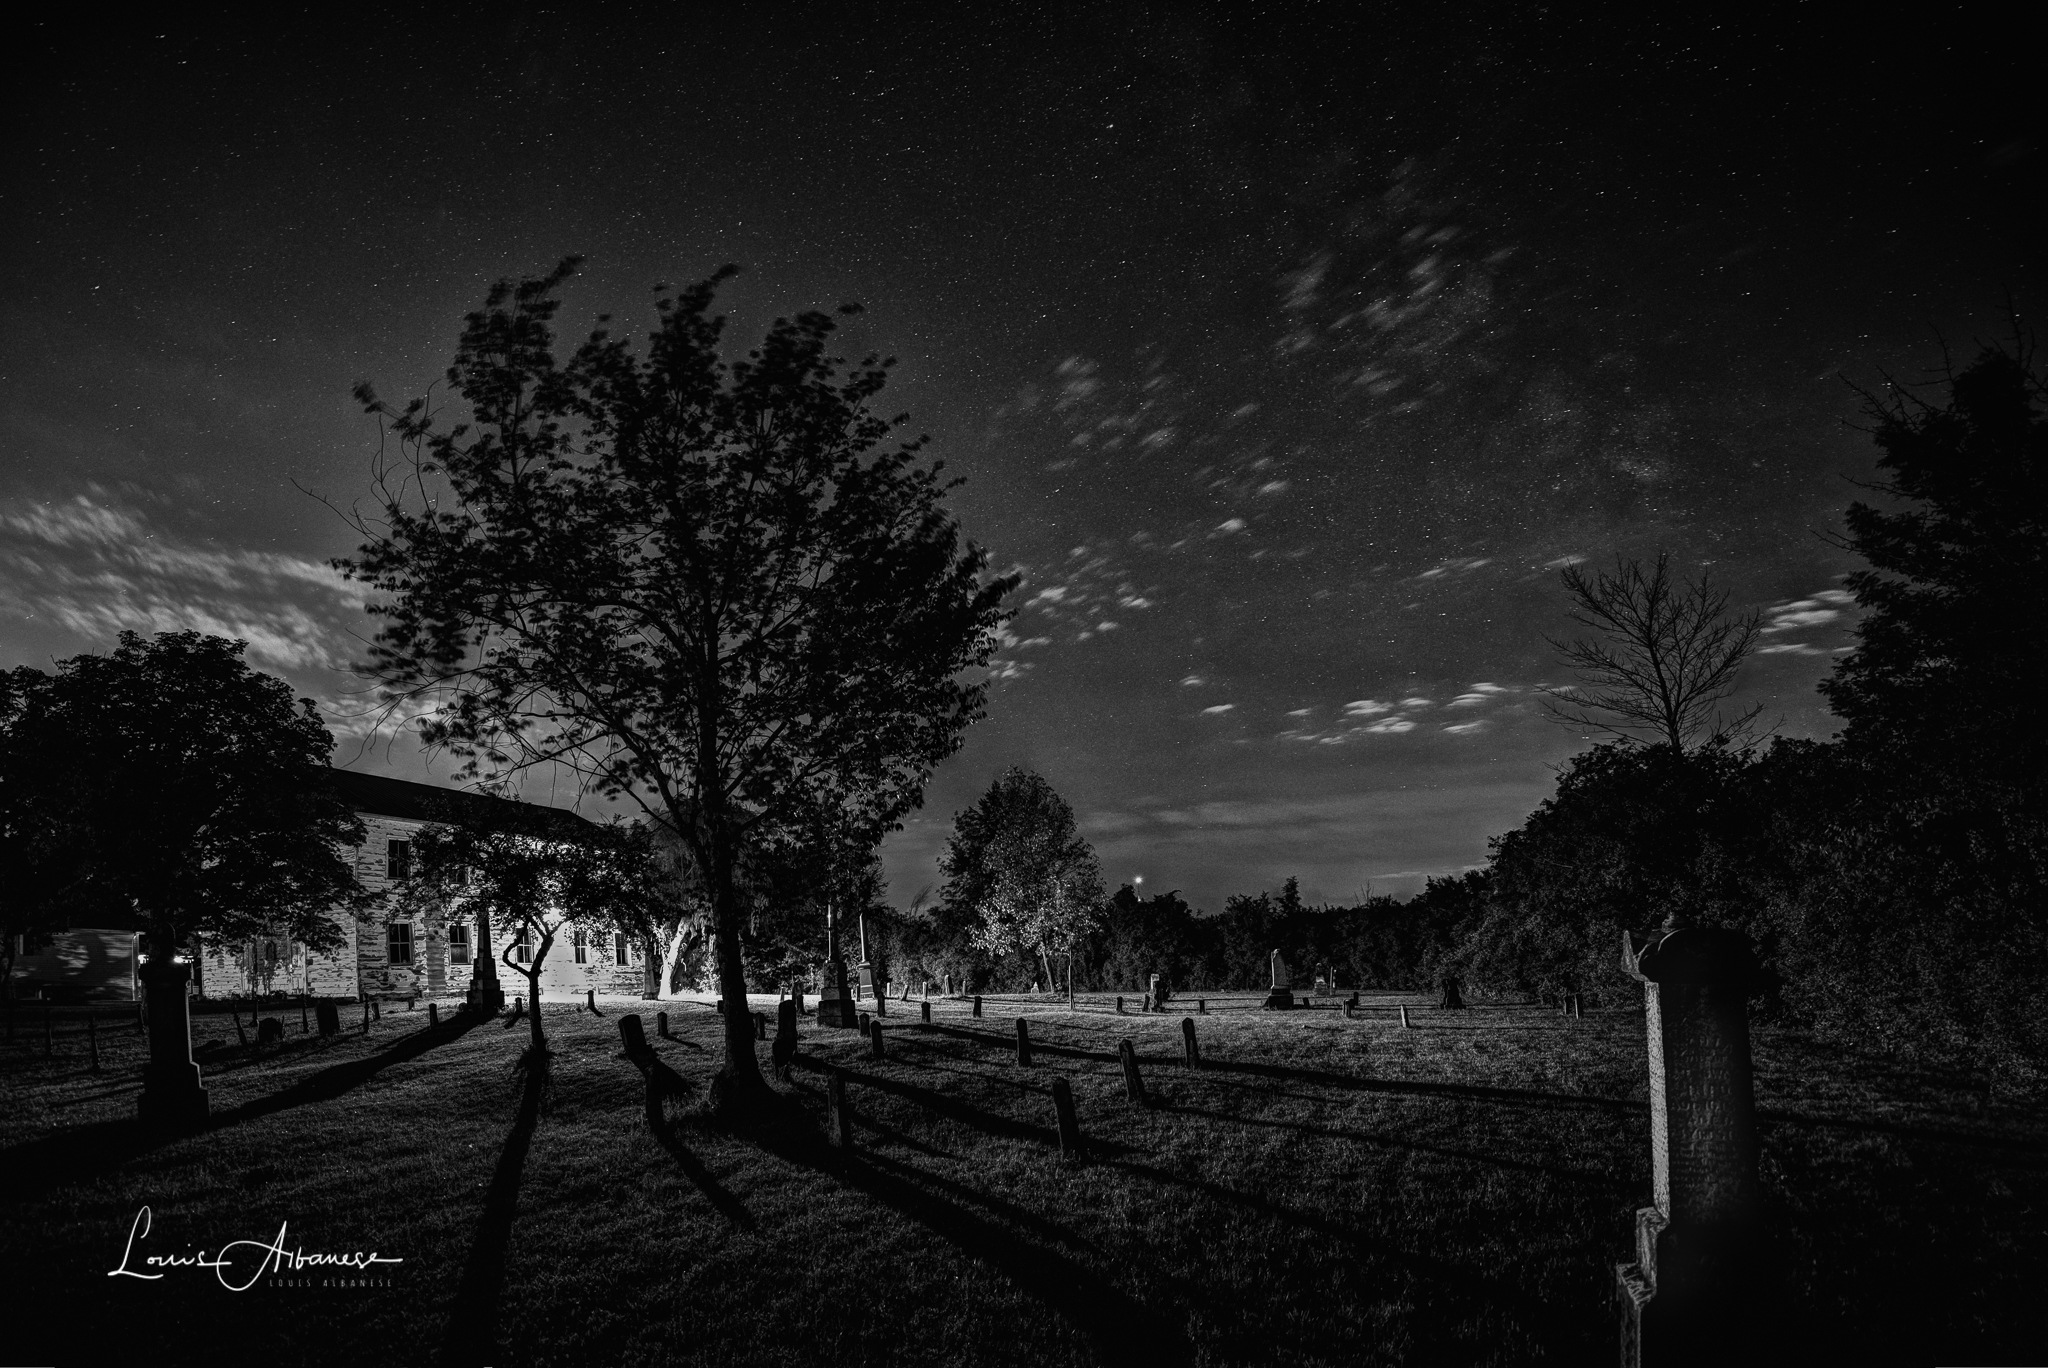 Midnight at Beaverdams by NakinaManitou